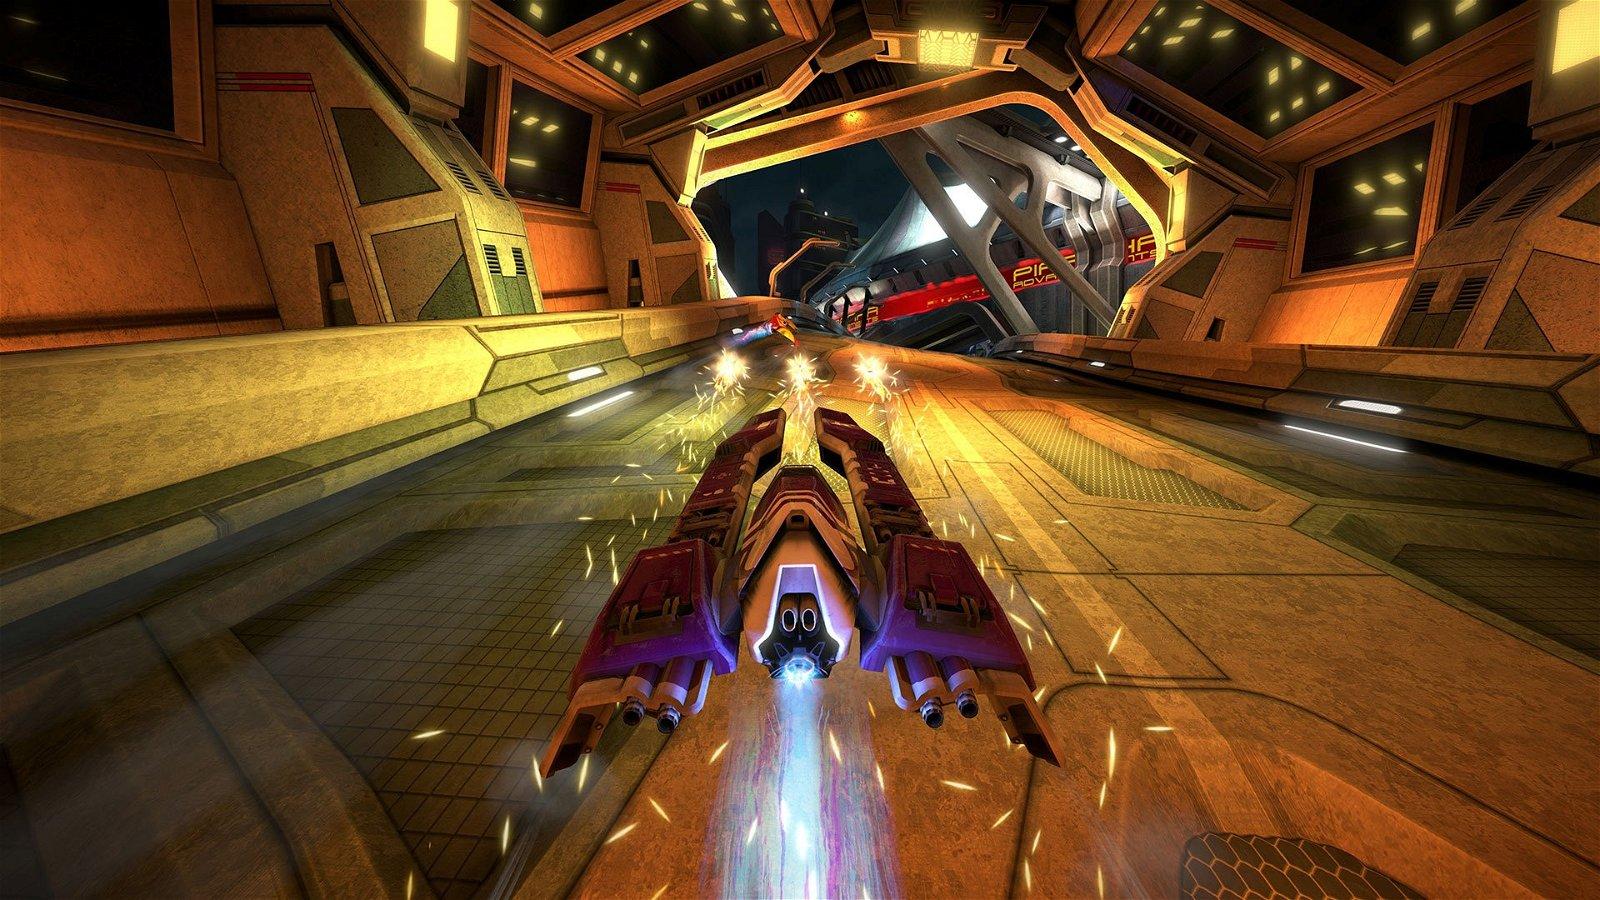 WipEout Omega Collection: Velocidad en alta definición